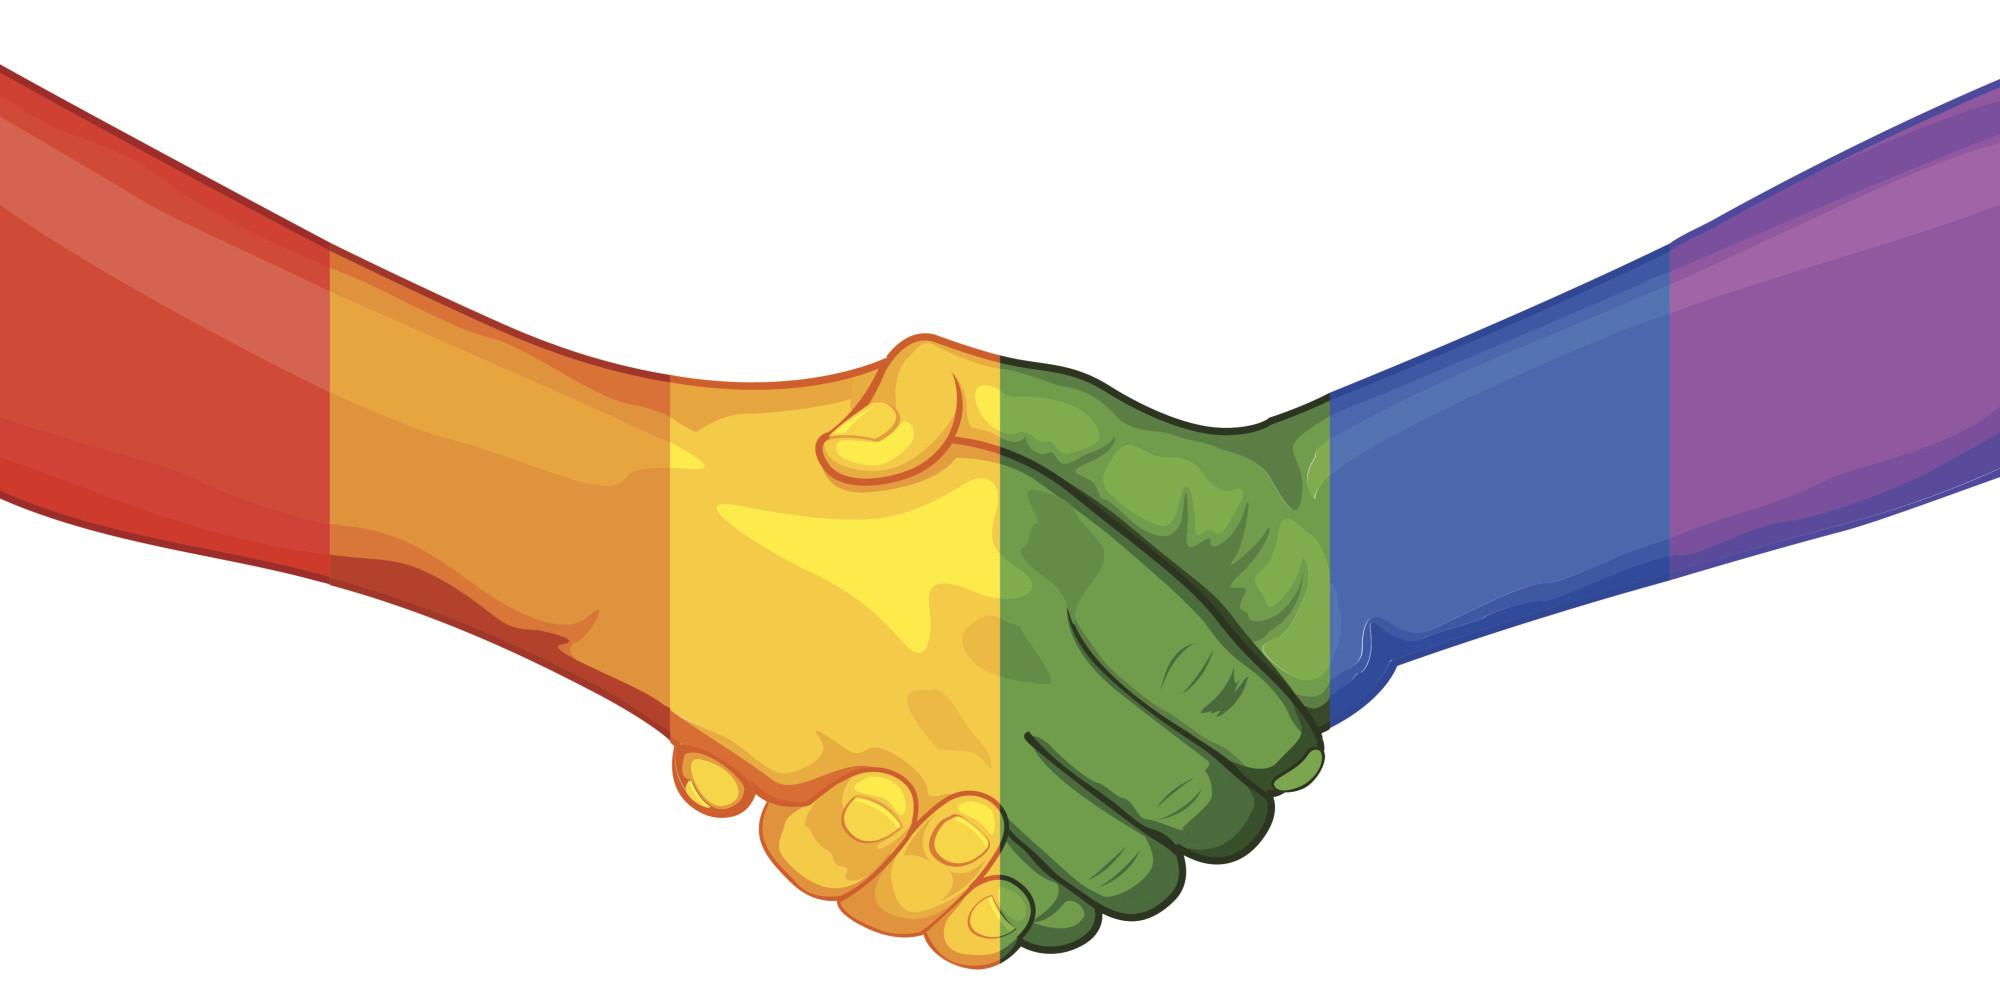 '5' Adımda Yeni Oluşum Gezi LGBTİ'yi Tanıyalım